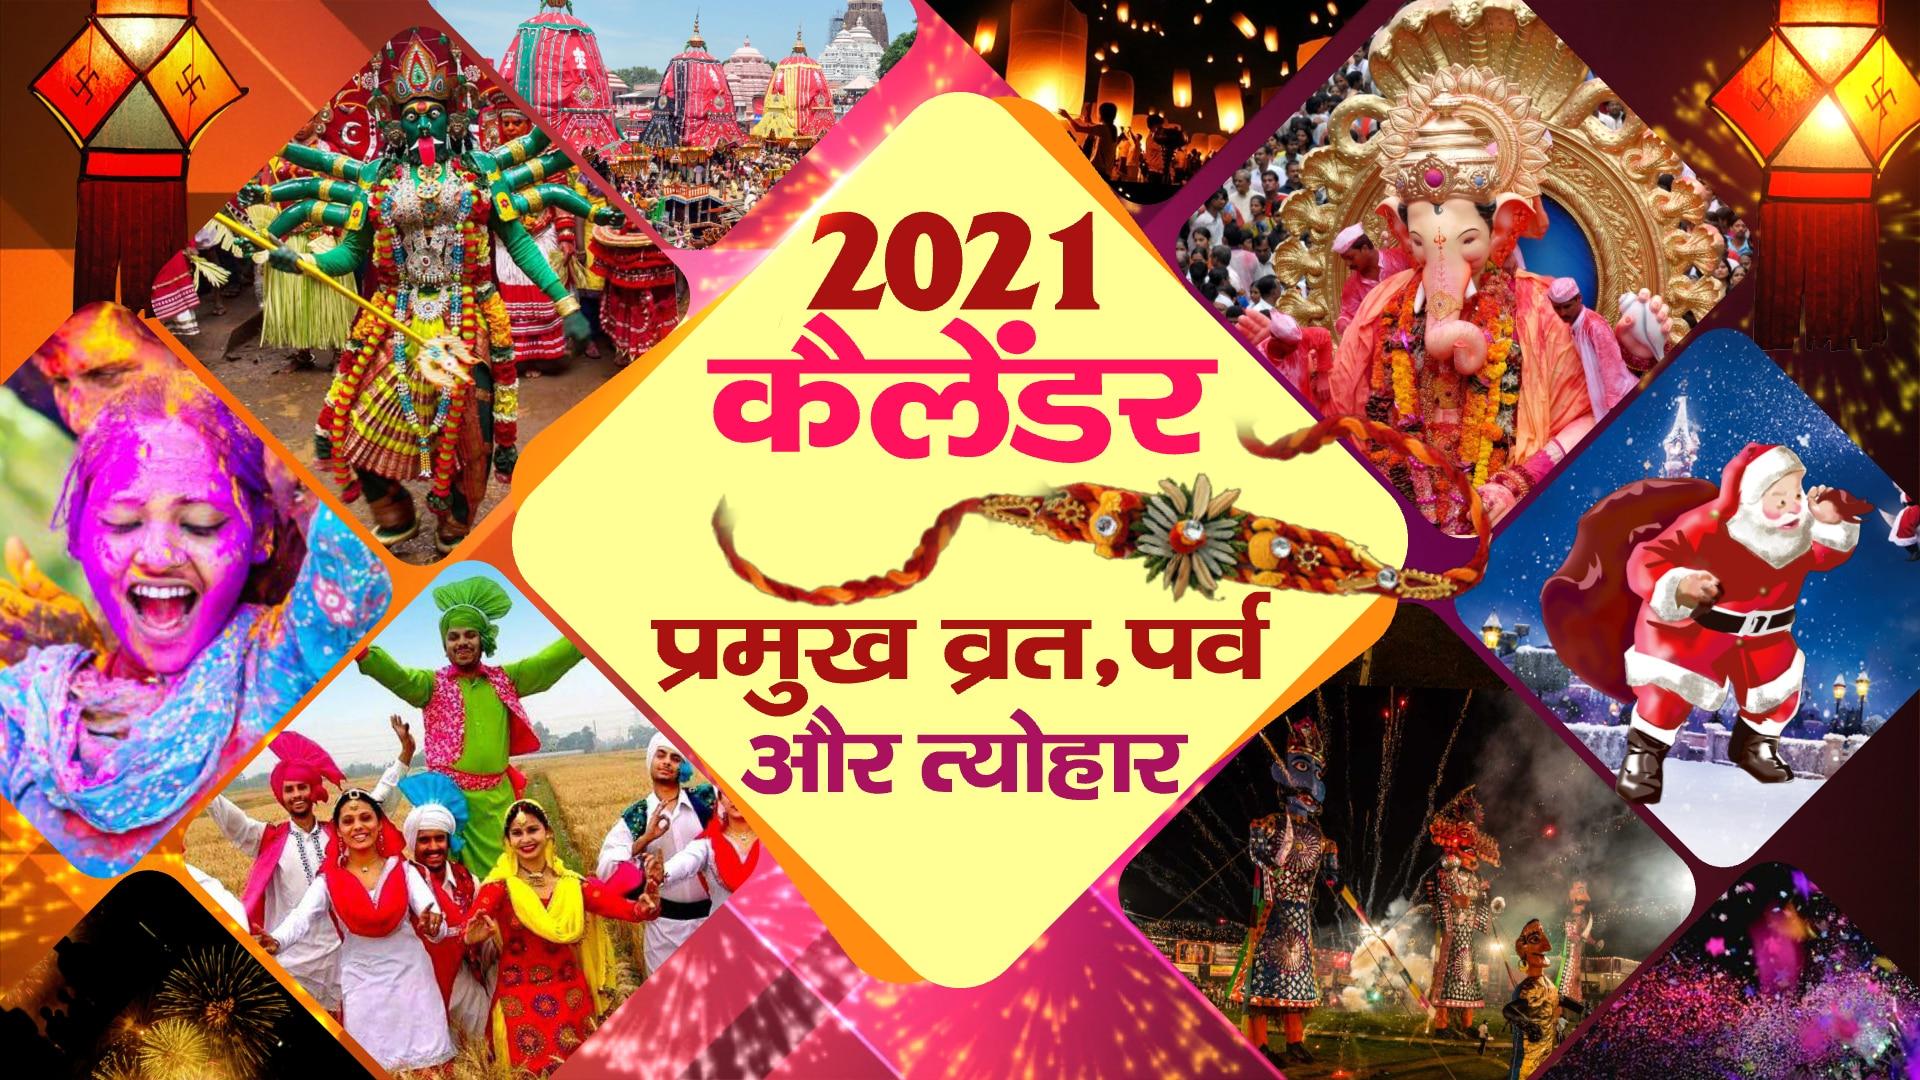 साल 2021 का पूरा कैलेंडर, जानिए प्रमुख व्रत और त्योहार